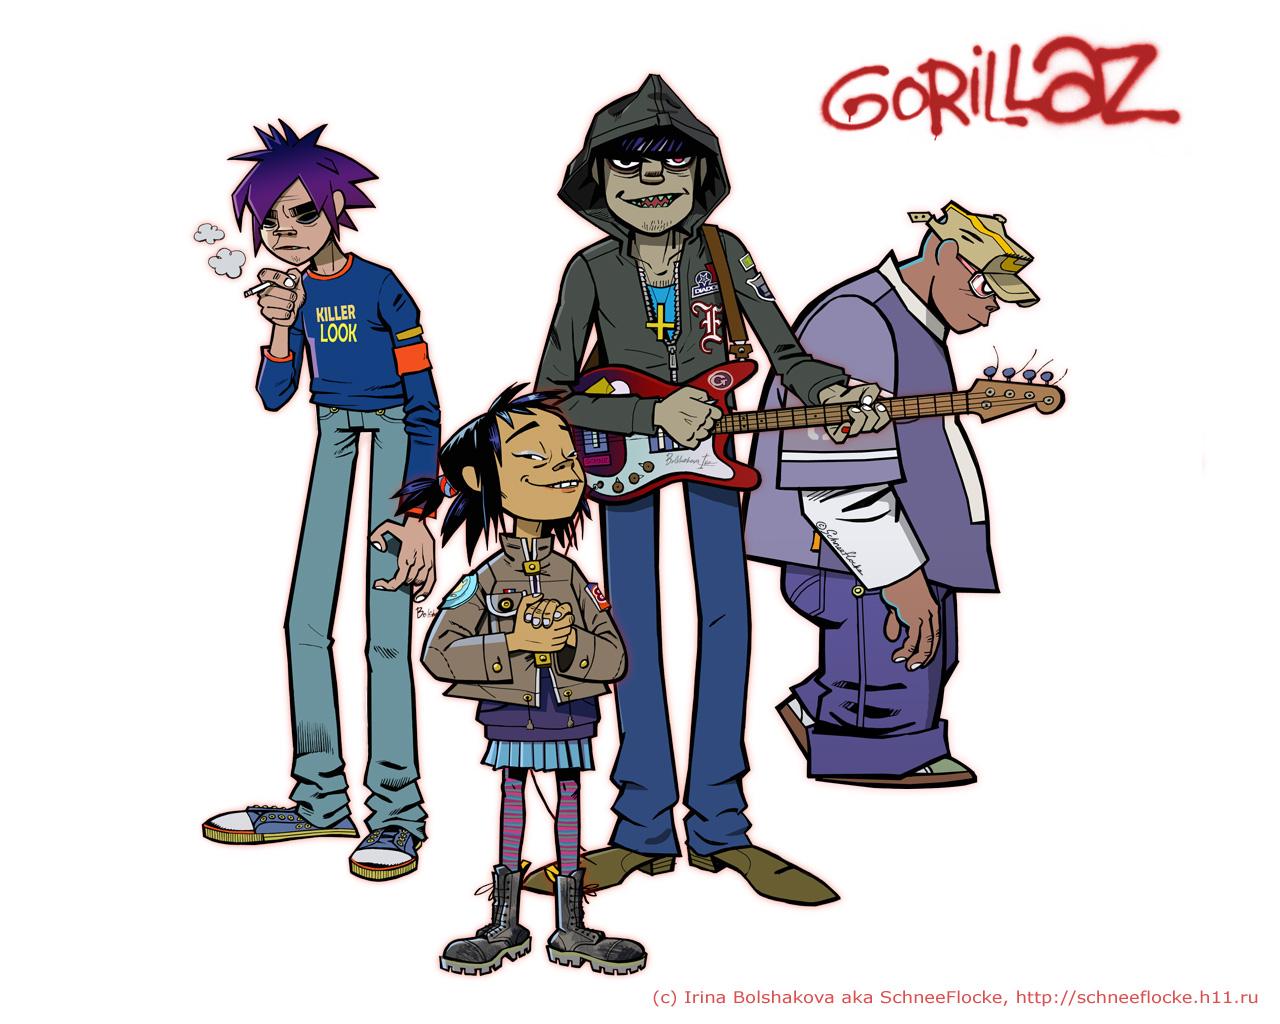 Gorillaz (1280x1024)